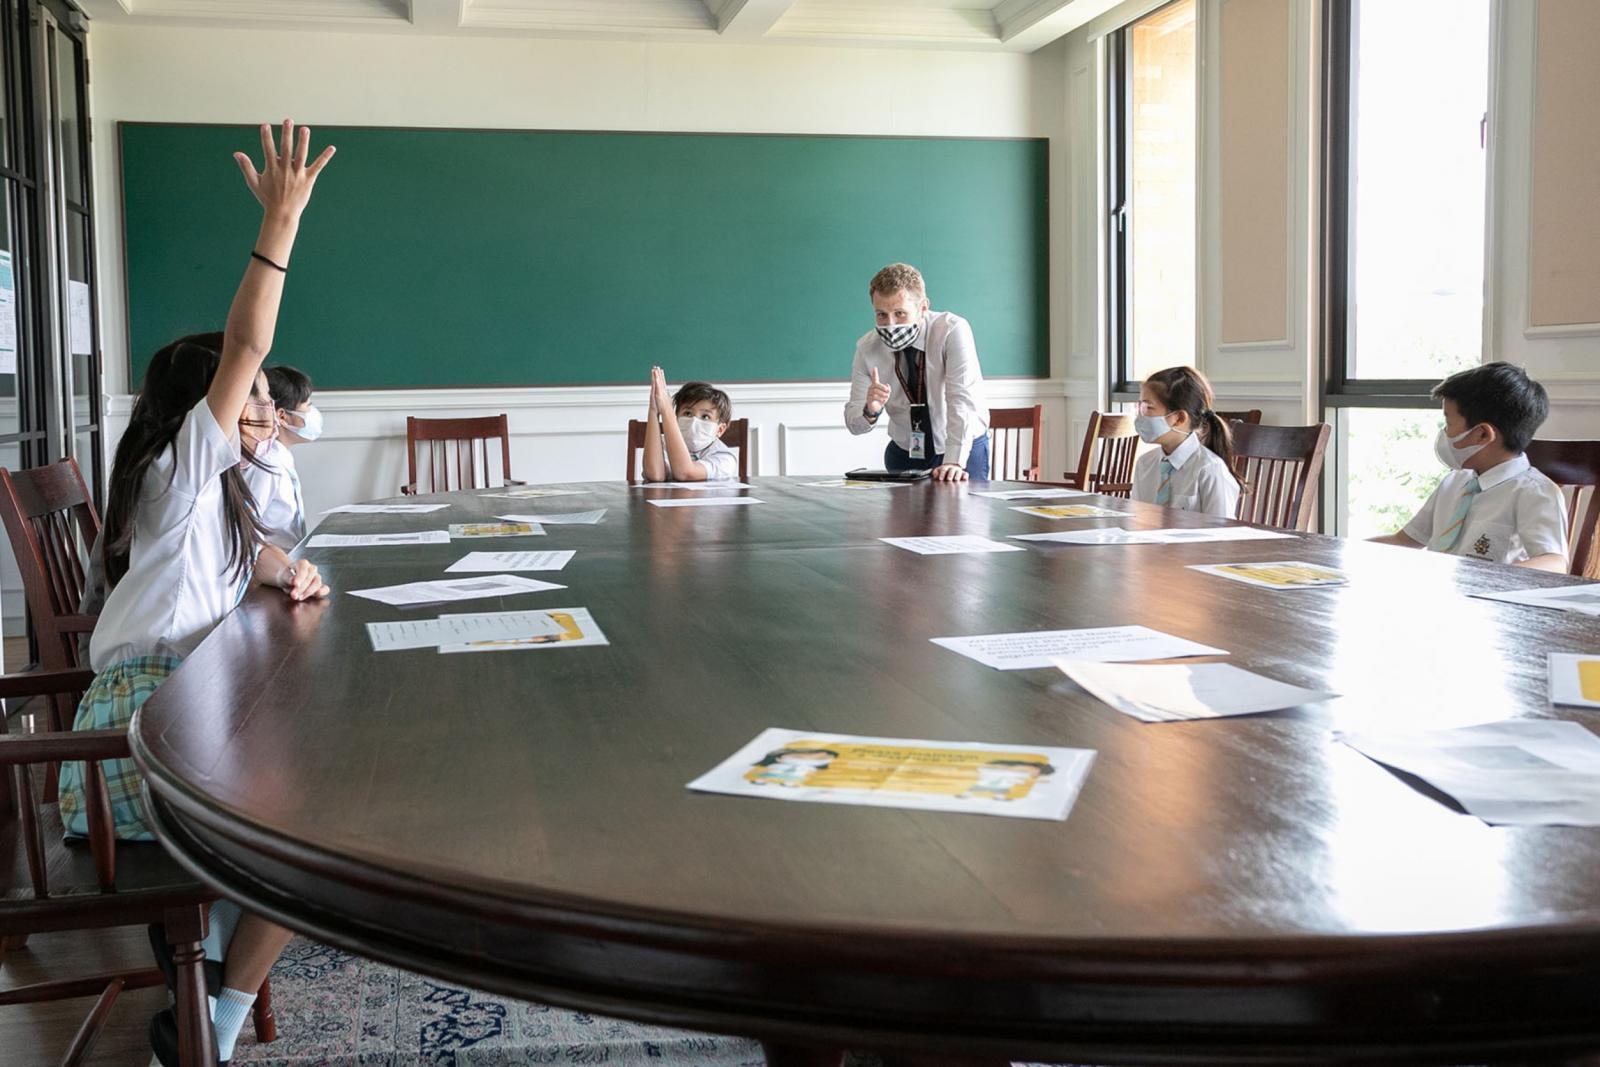 พ่อแม่มือใหม่ ต้องดู! รวม 10 ข้อควรถาม เฟ้นหาโรงเรียนอินเตอร์ฯให้ลูก